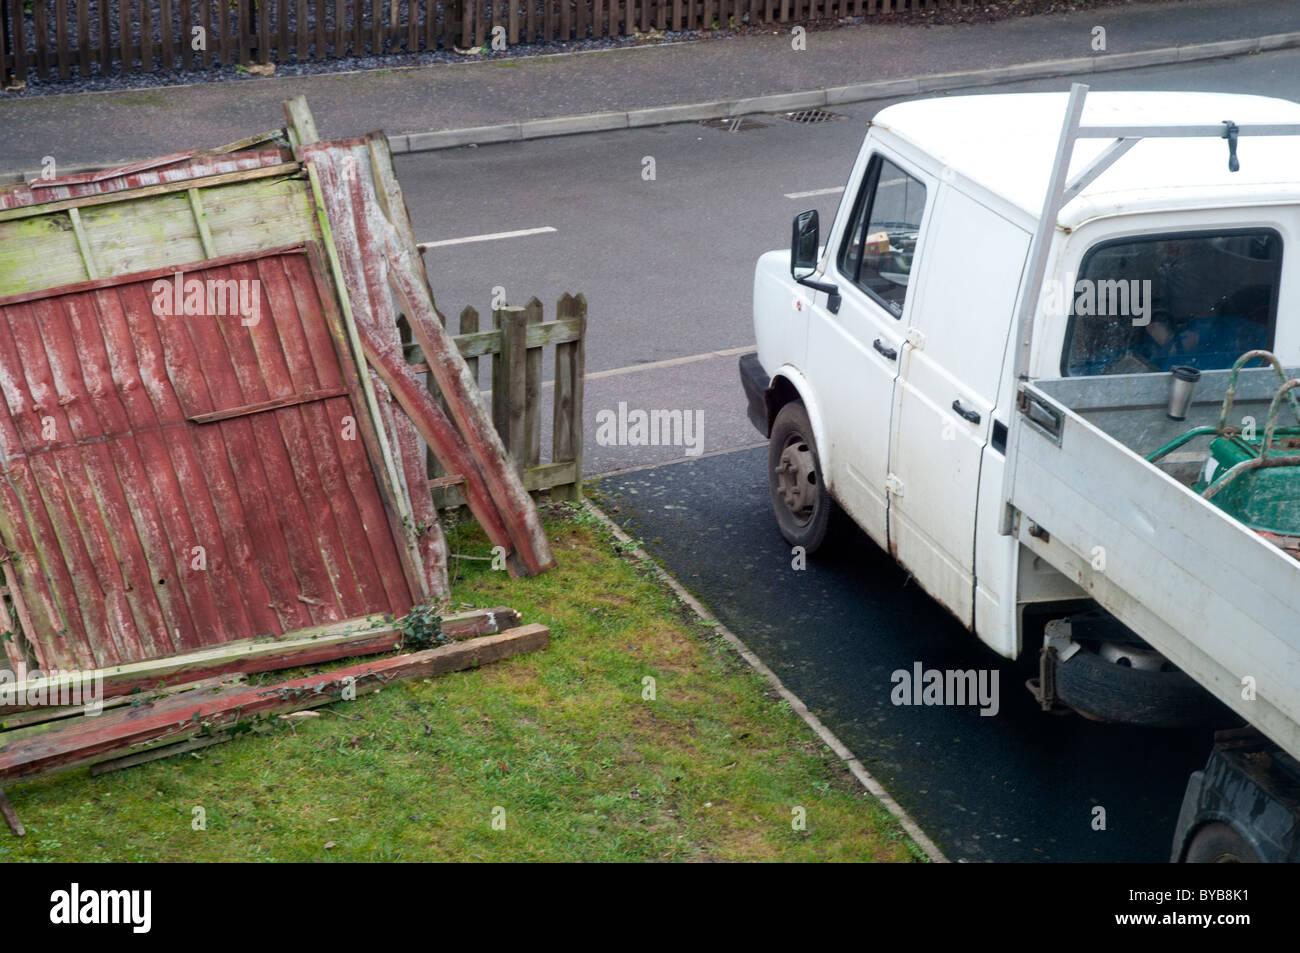 Costruttori di Pick Up Van con rotte Giardino scherma Immagini Stock